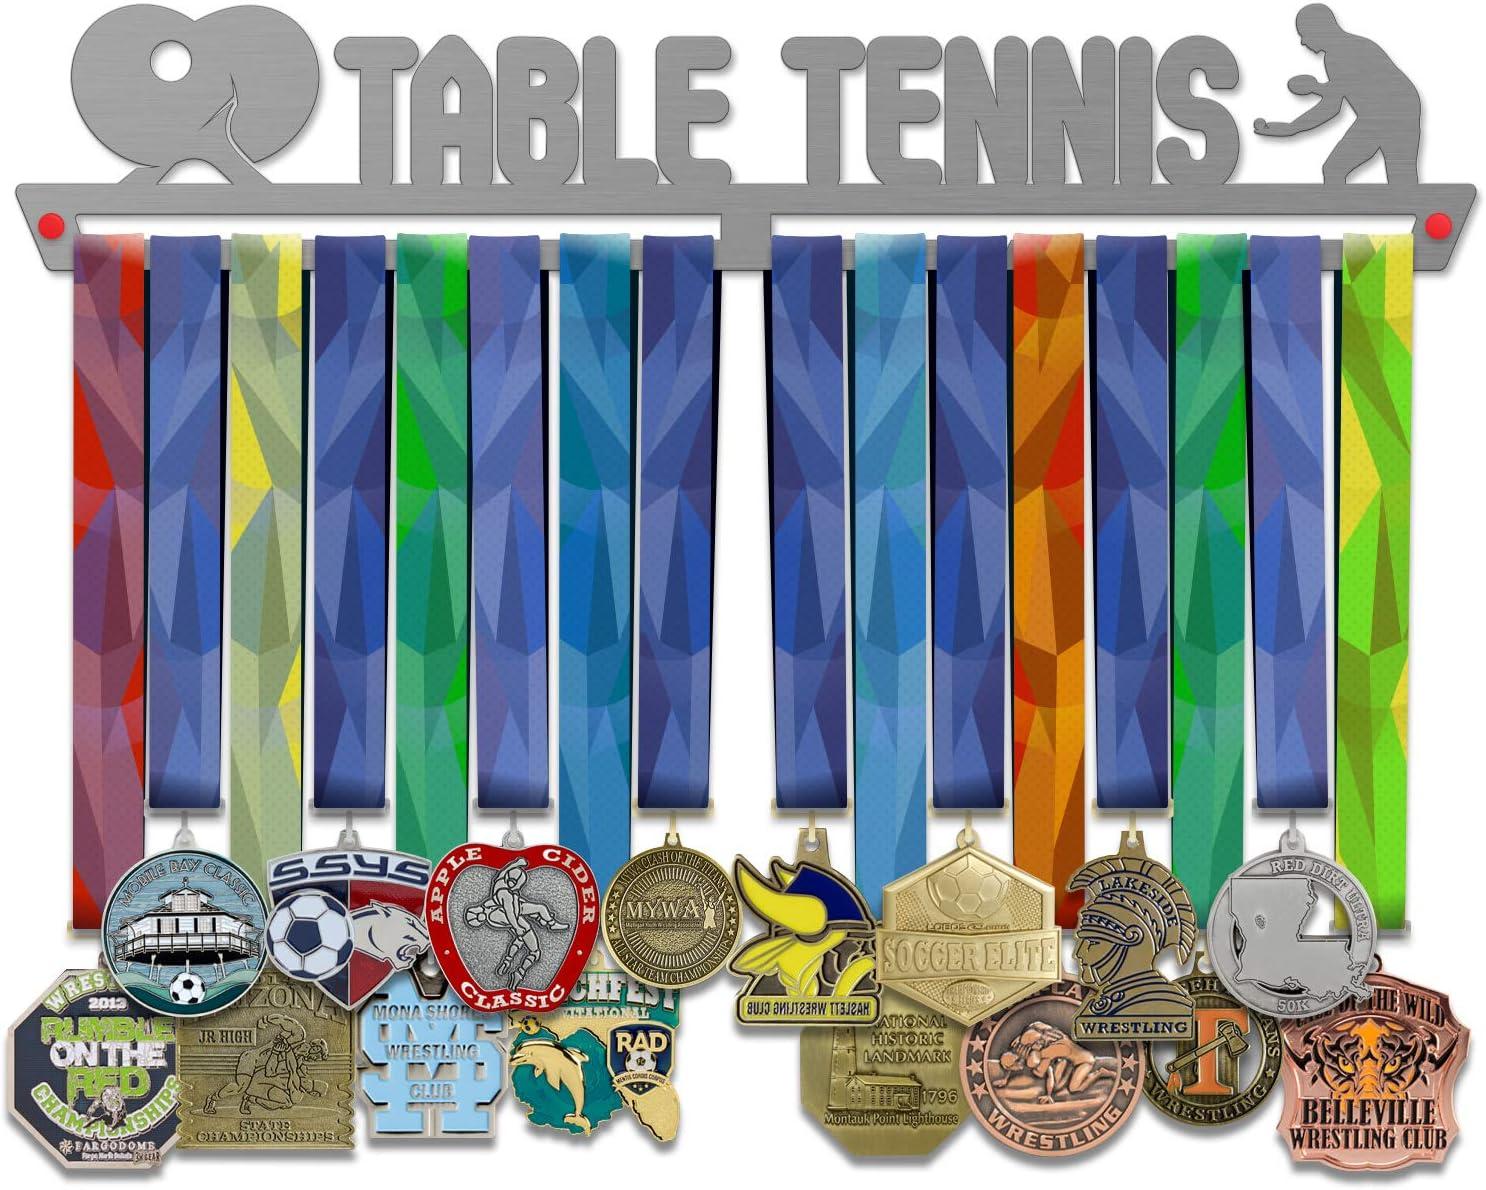 VICTORY HANGERS Tenis de Mesa Medalla Percha Pantalla   Deportes Medalla Pantalla Medalla de Perchas   Acero Inoxidable   por victoryhangers campeones.